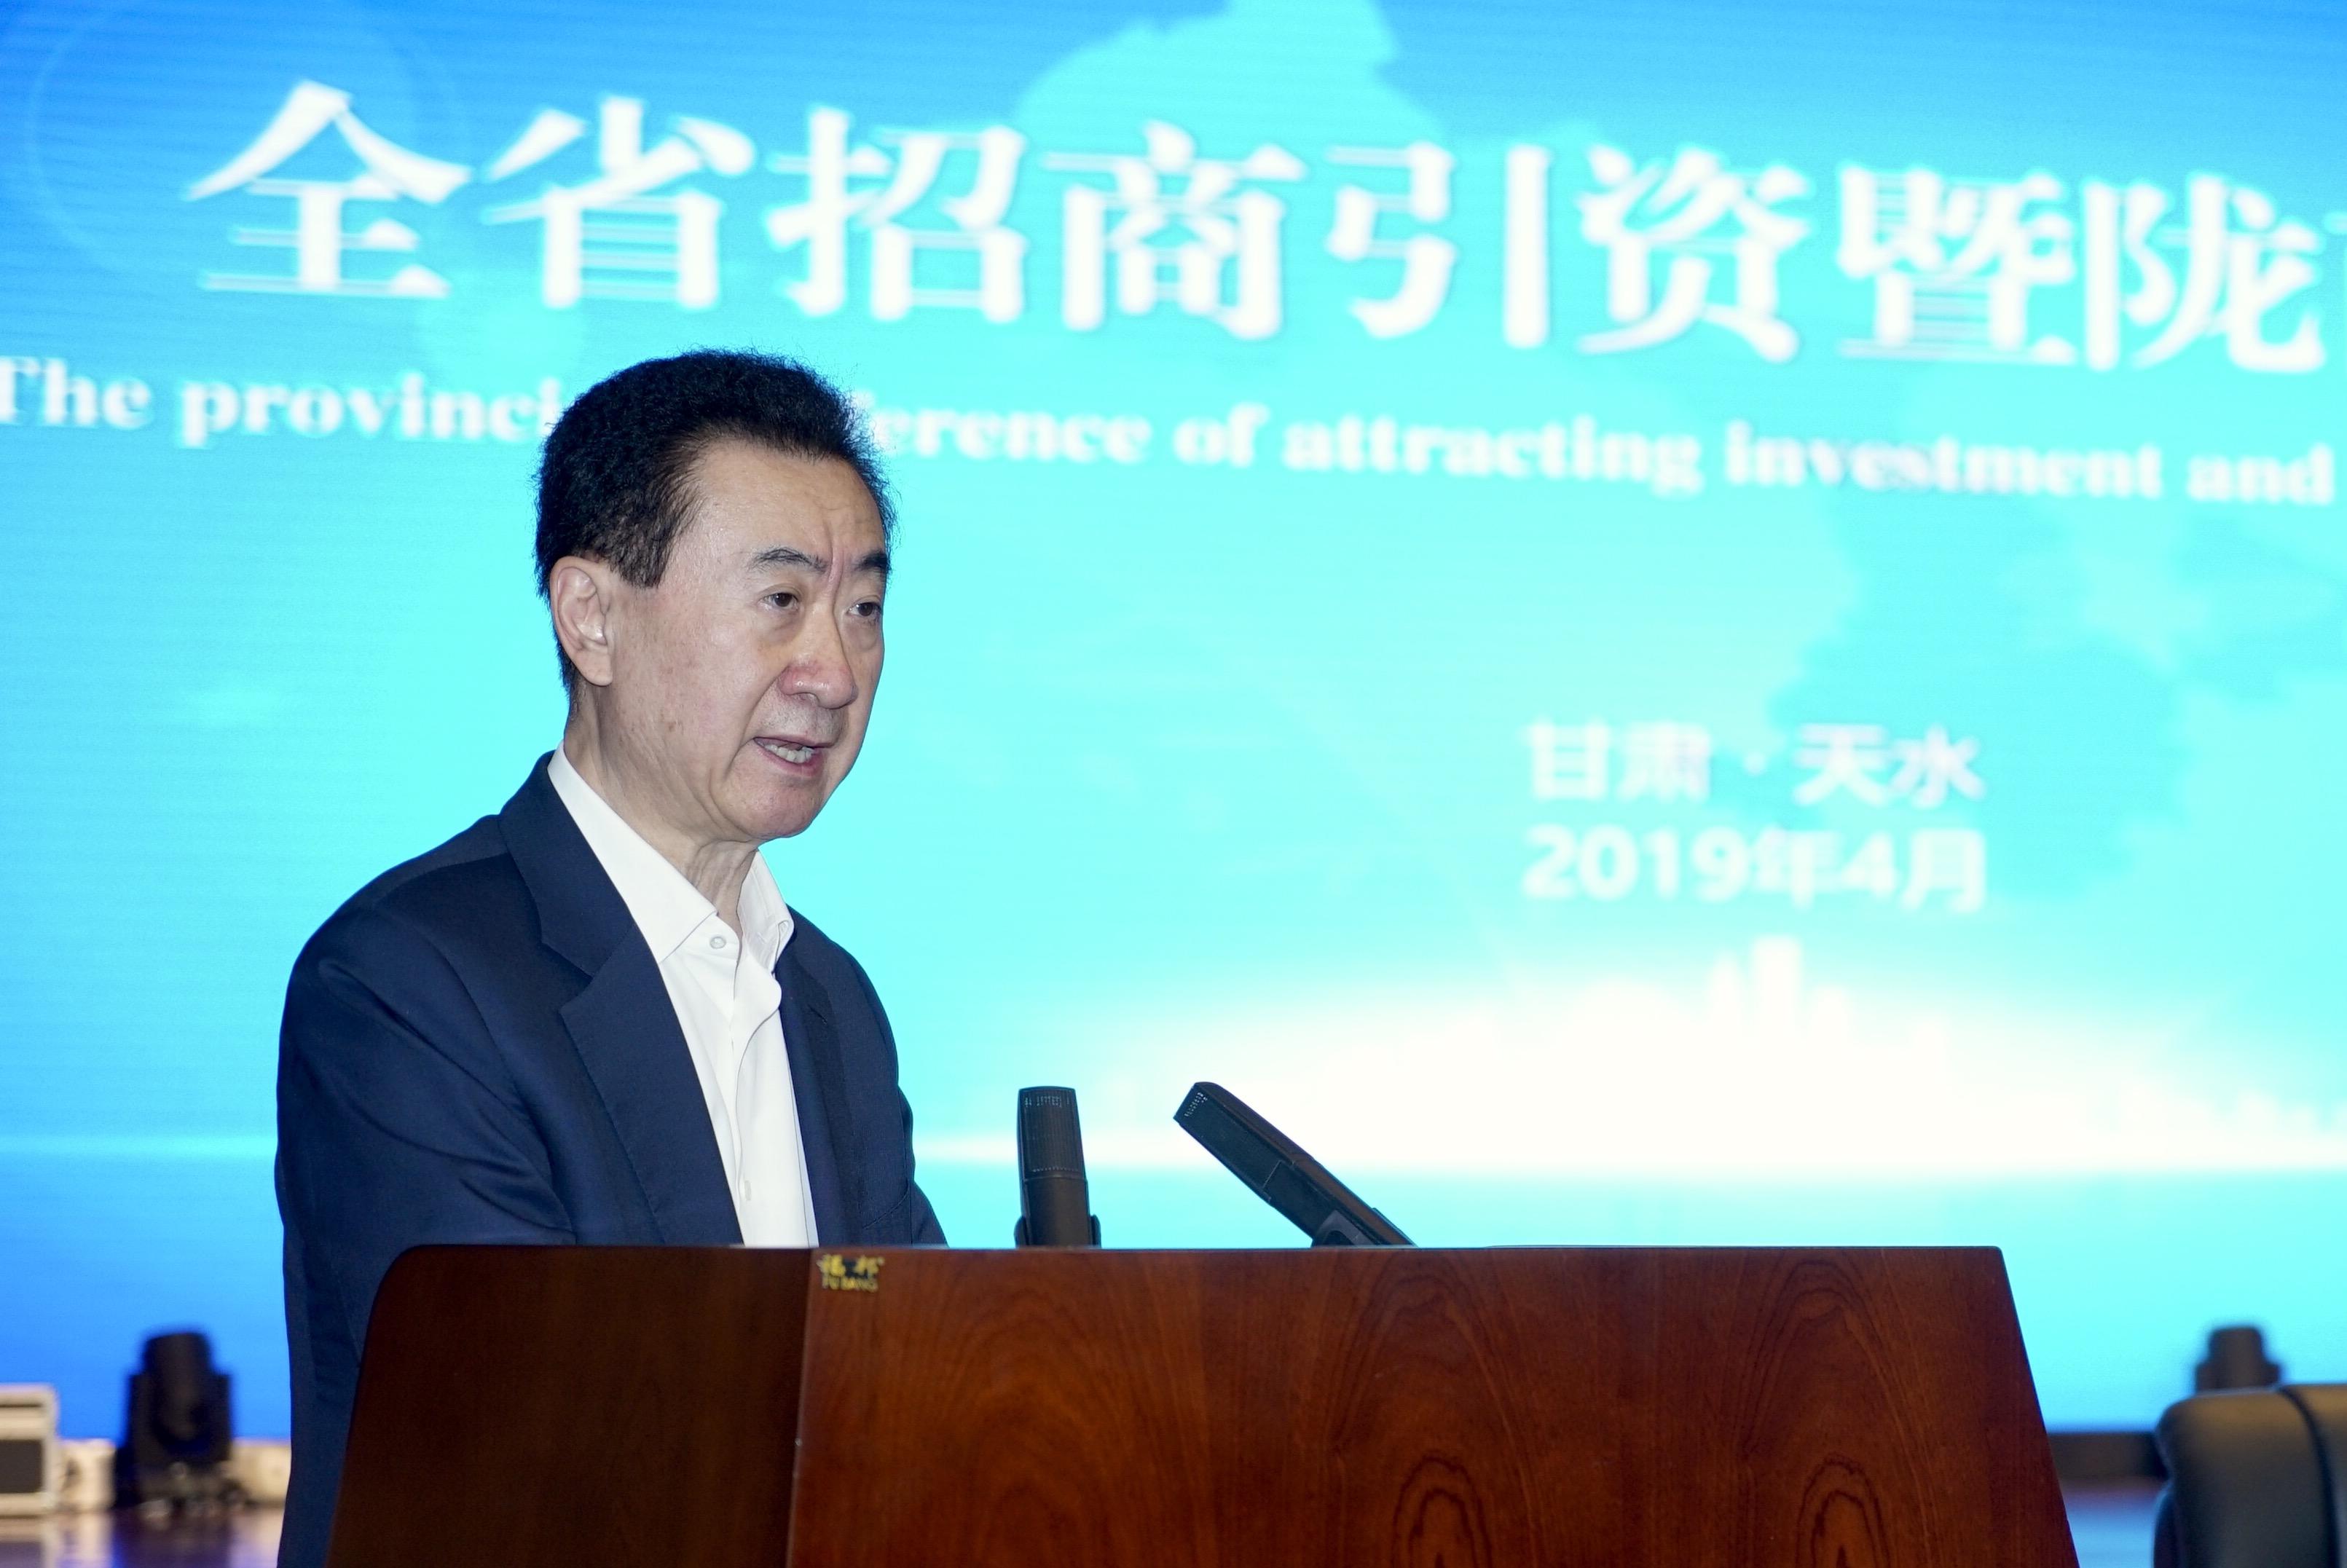 王健林董事長出席甘肅省招商引資暨隴商大會并發表演講